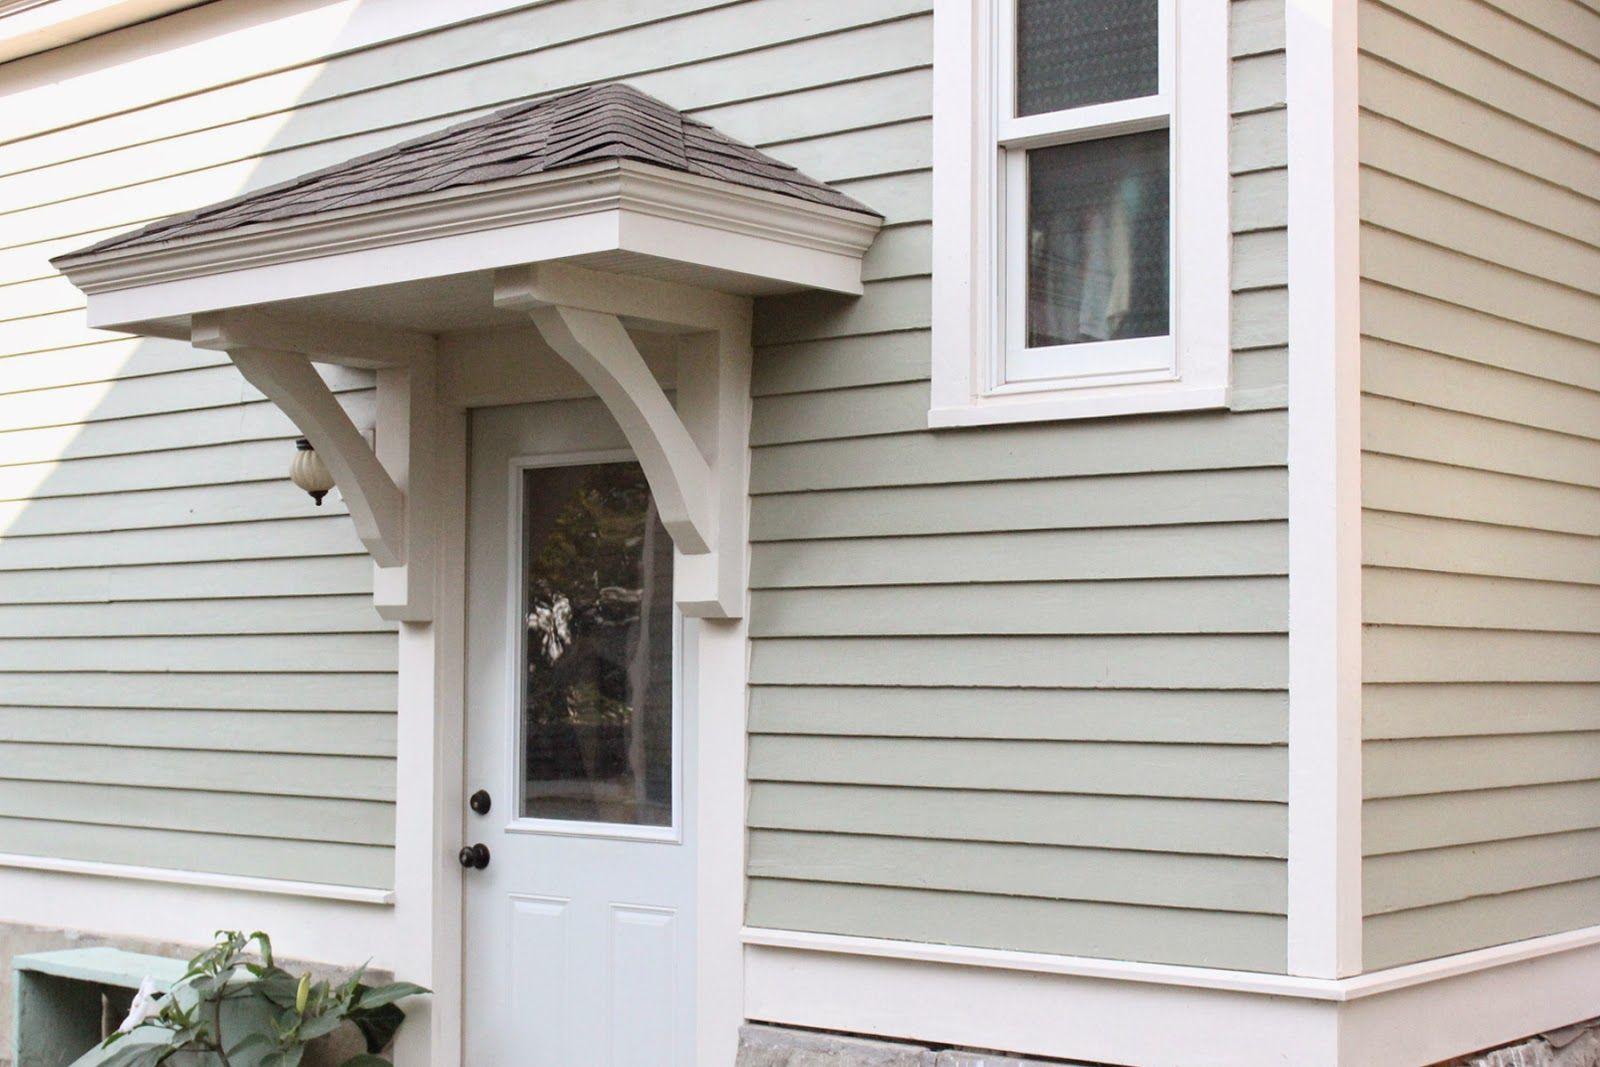 Bricks Honey Building The Back Door Overhang Door Overhang